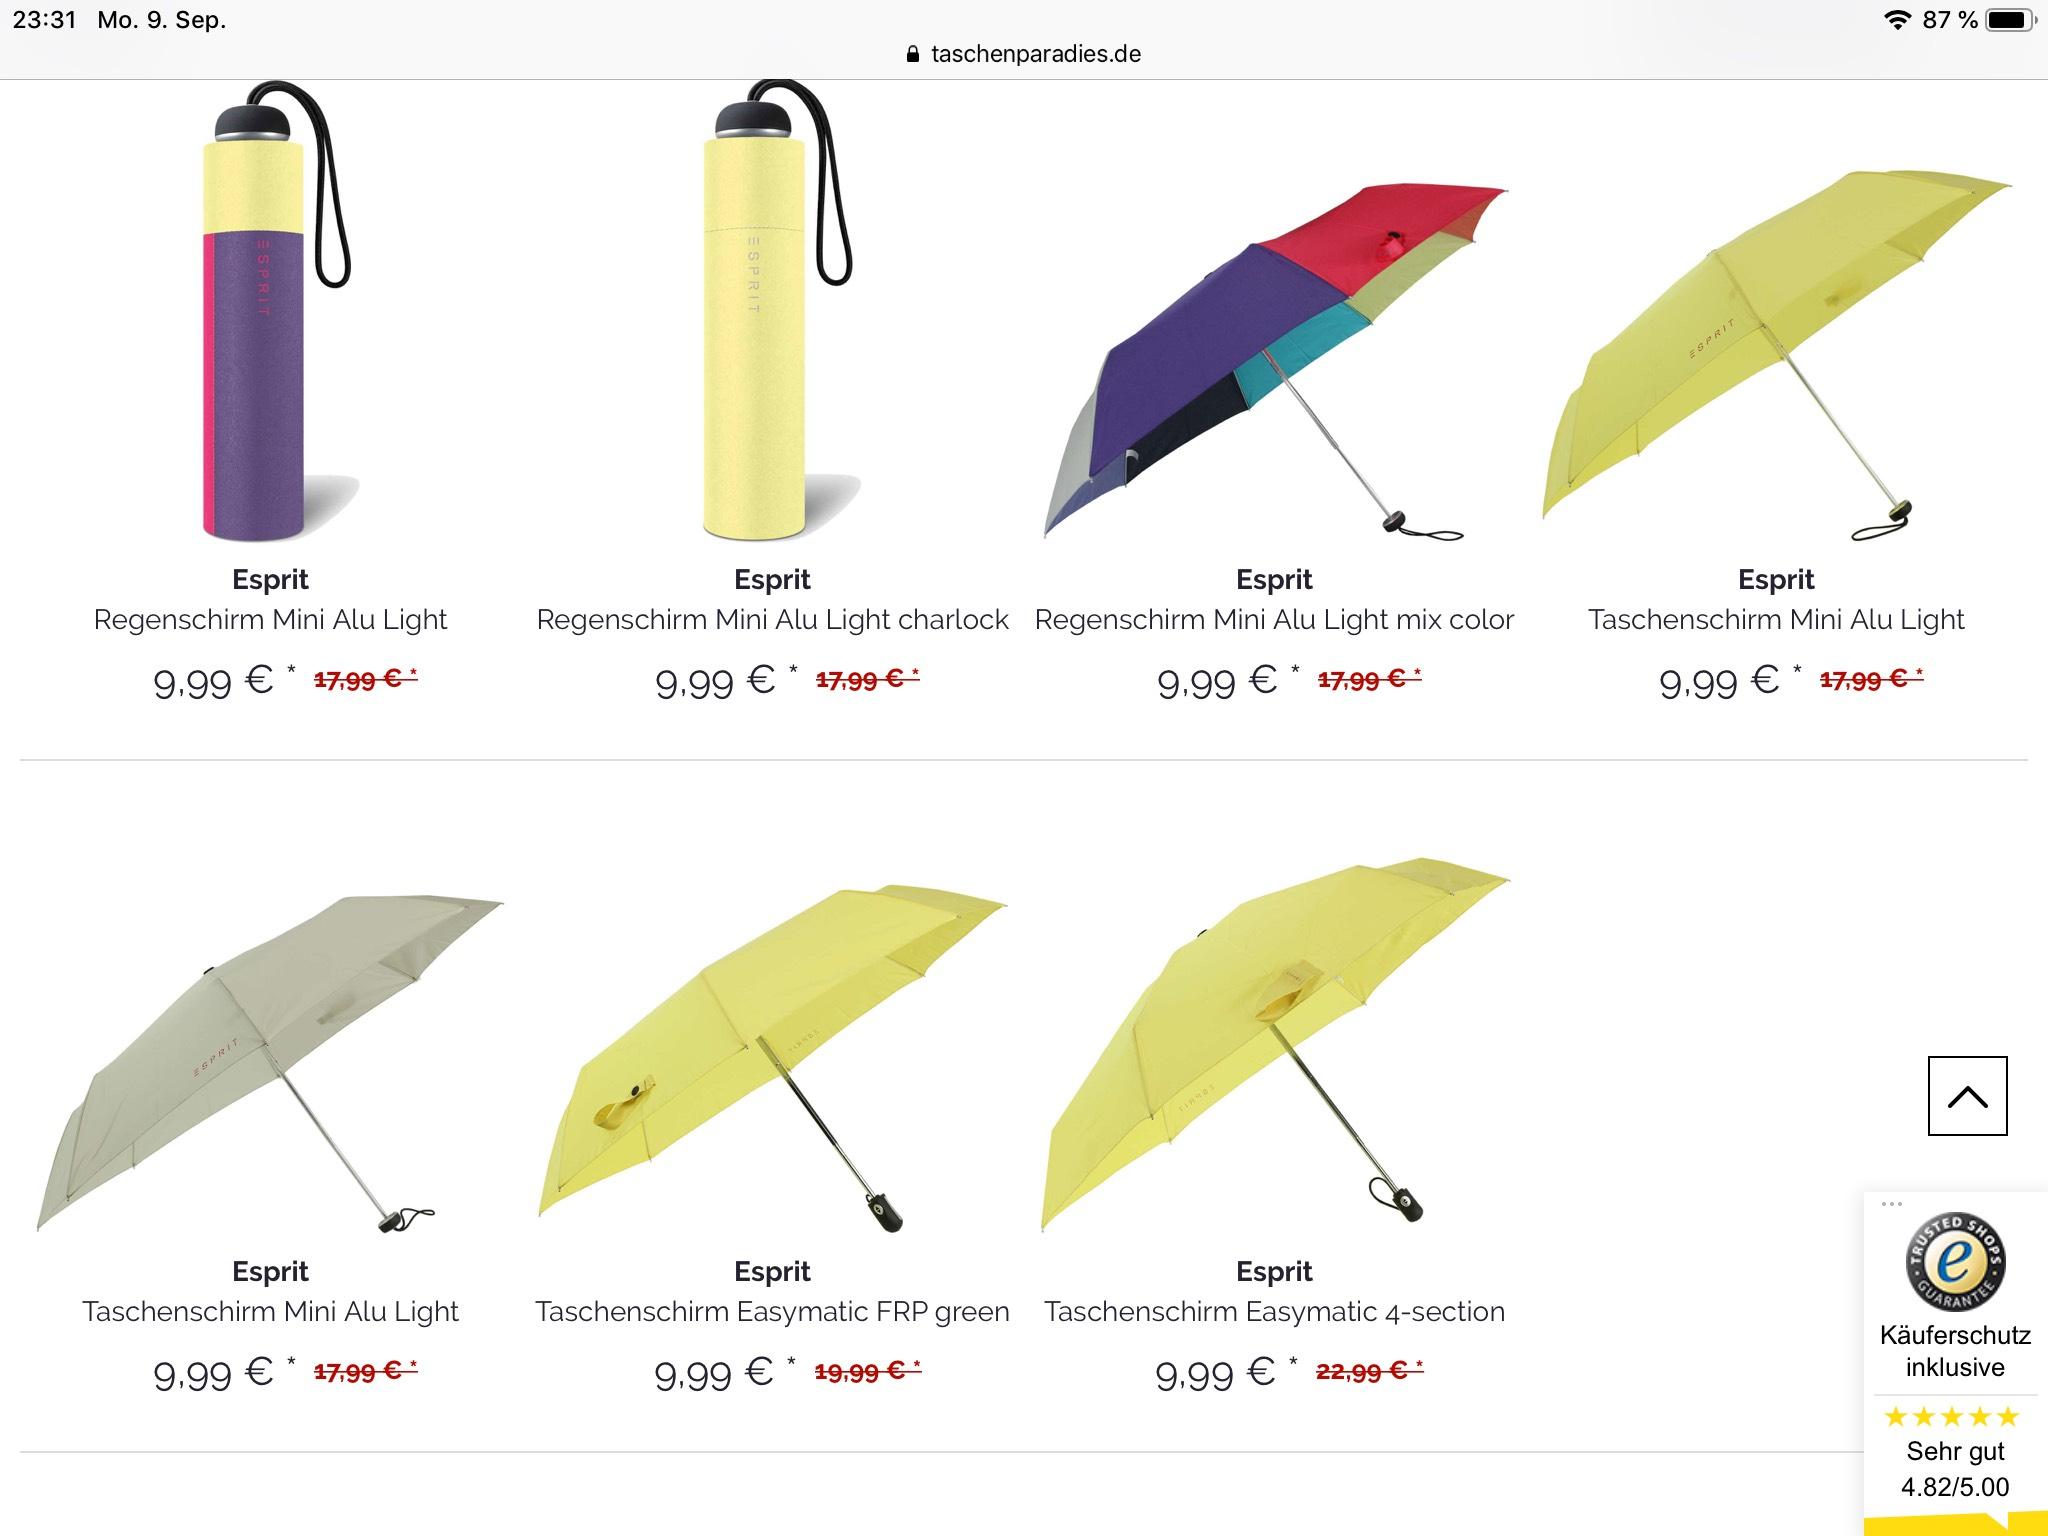 Esprit Mini-Regenschirme